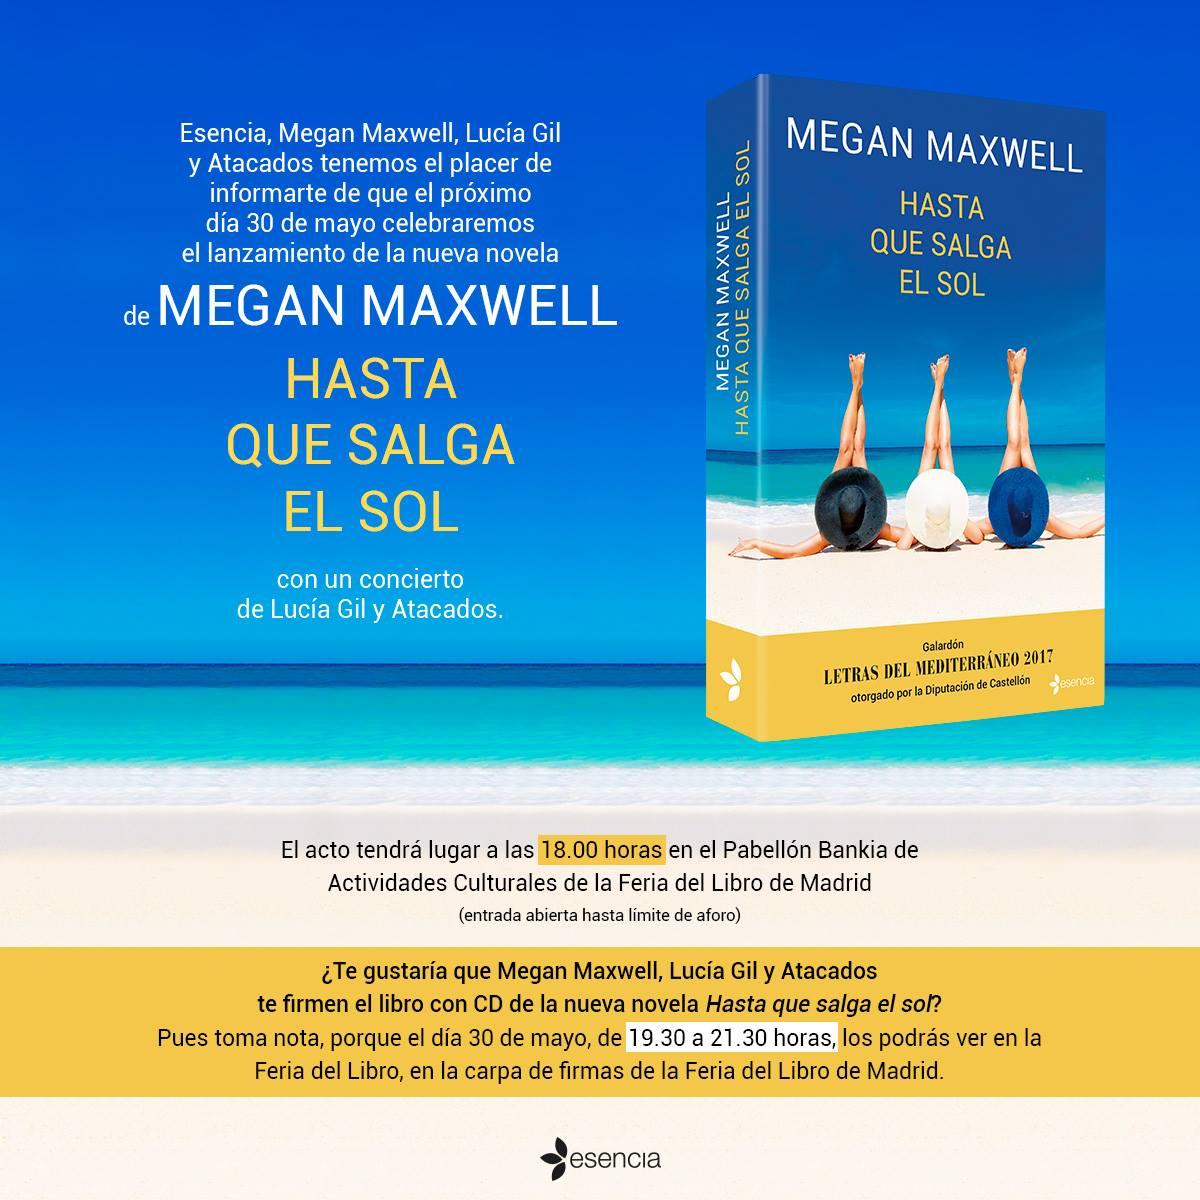 descargar hasta que salga el sol megan maxwell pdf gratis